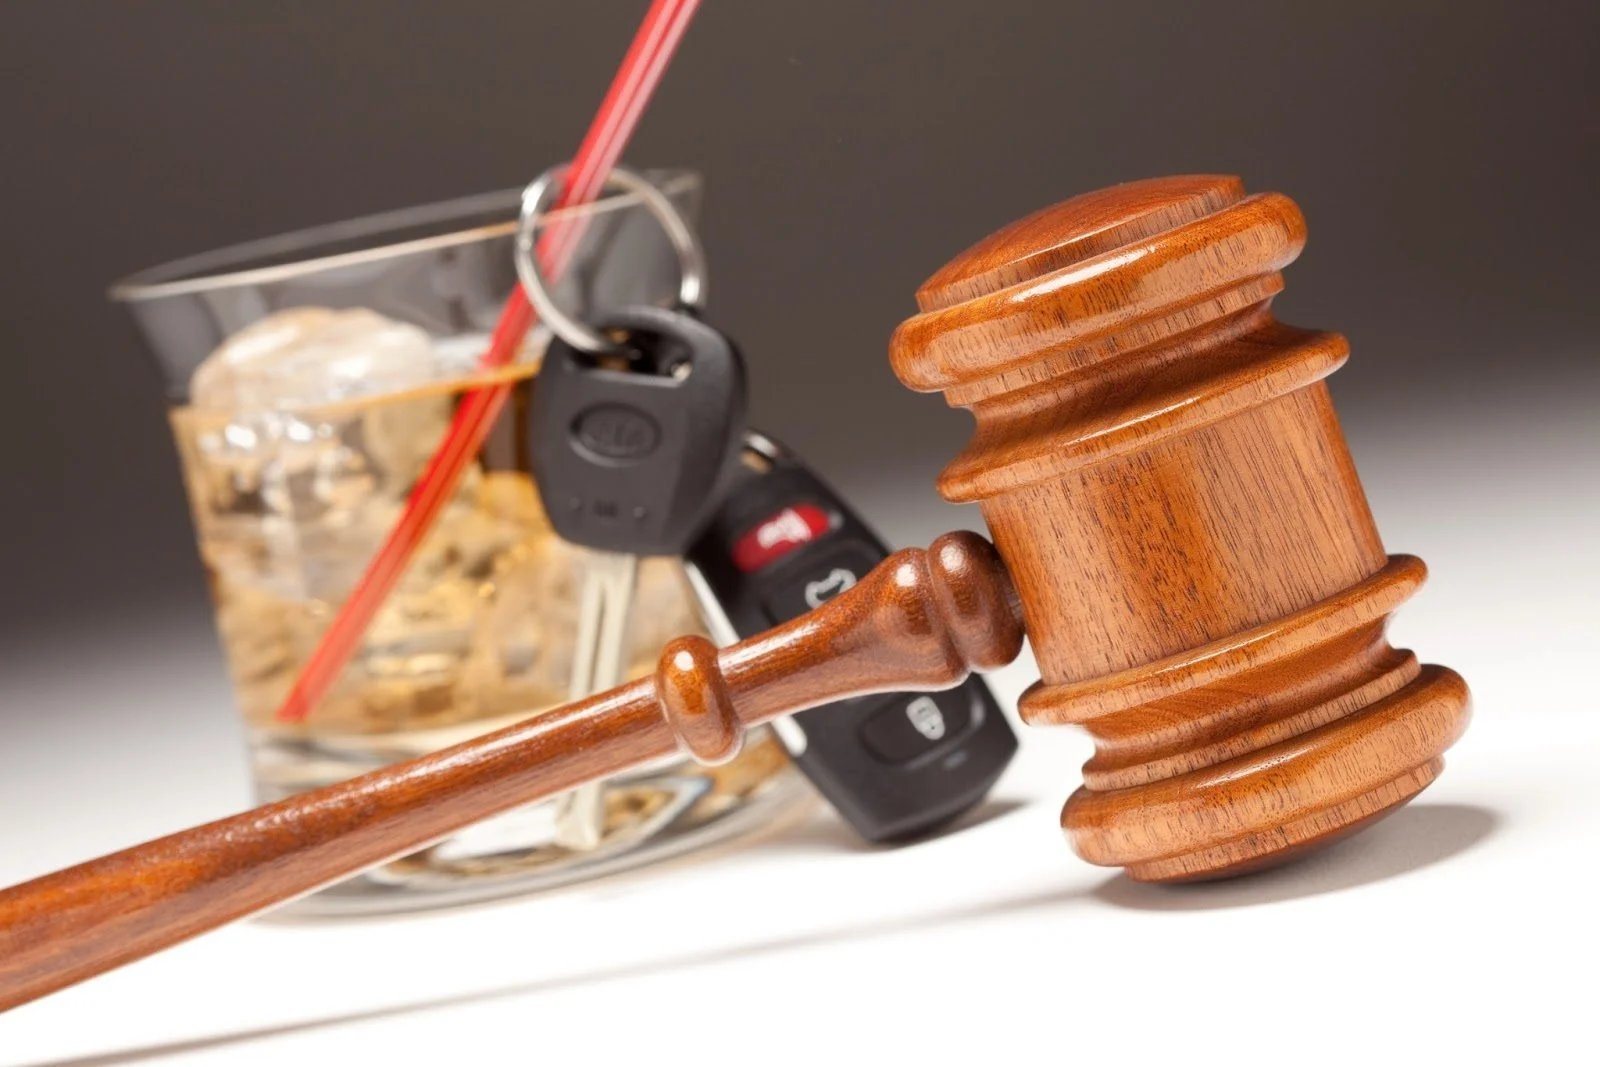 Sospensione della Patente per Guida in Stato di Ebbrezza: Cosa fare ?